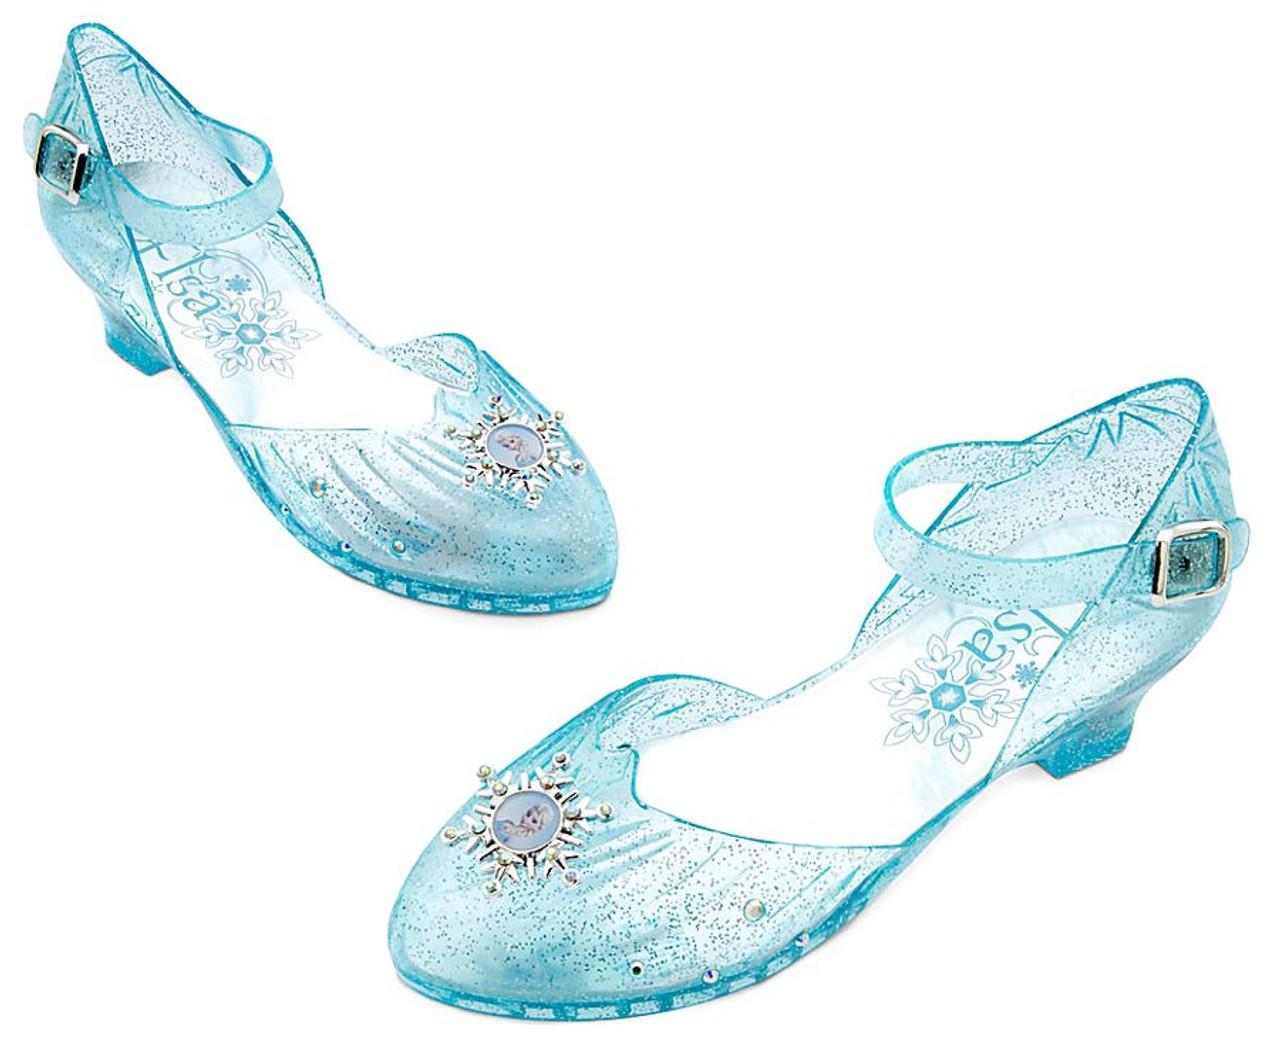 Elsa Shoes At Disney Store